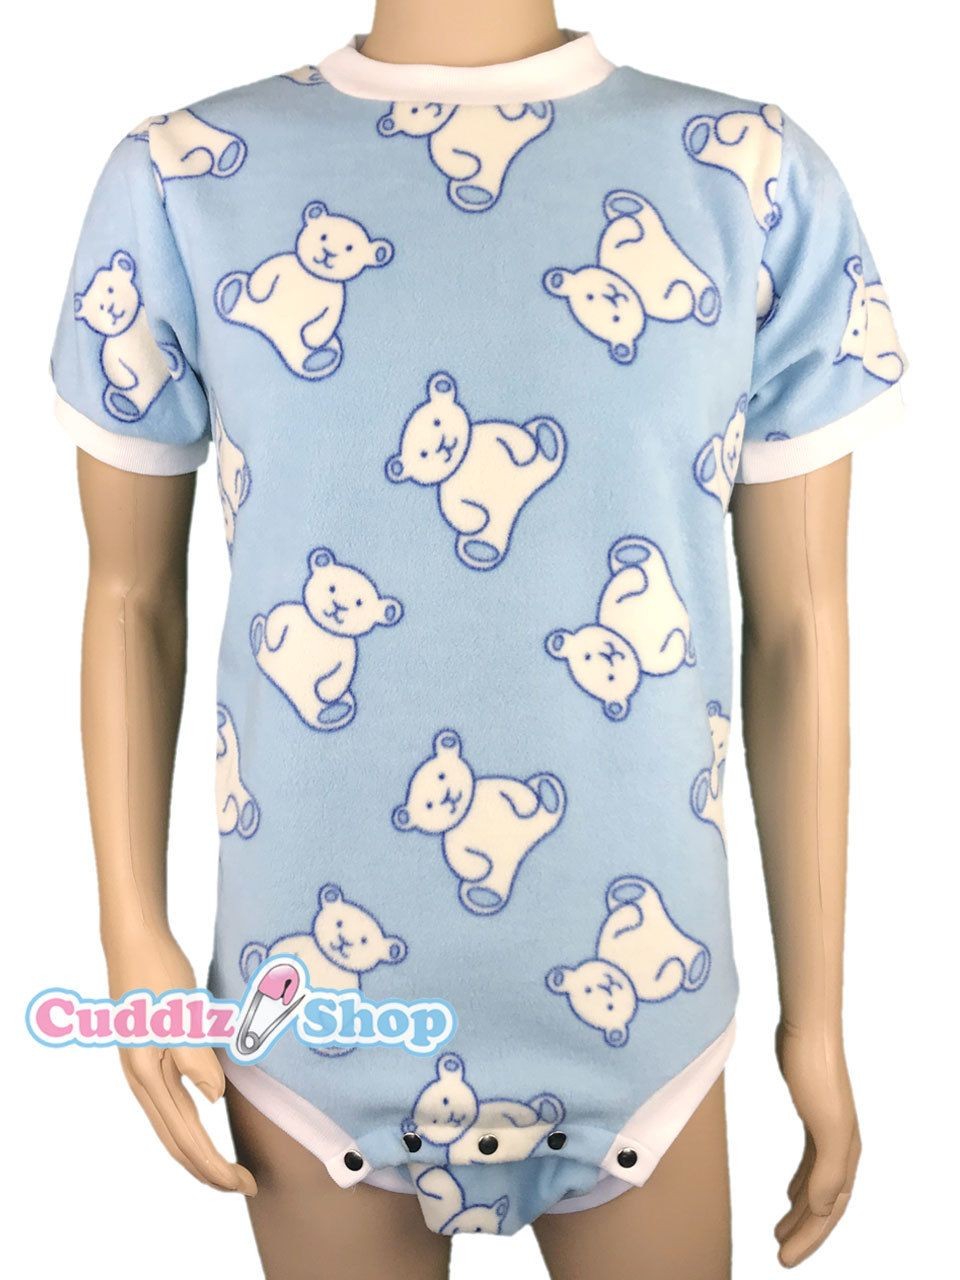 3710e404b Cuddlz Blue Teddy Pattern fleece onesie for adults ABDL clothing ...